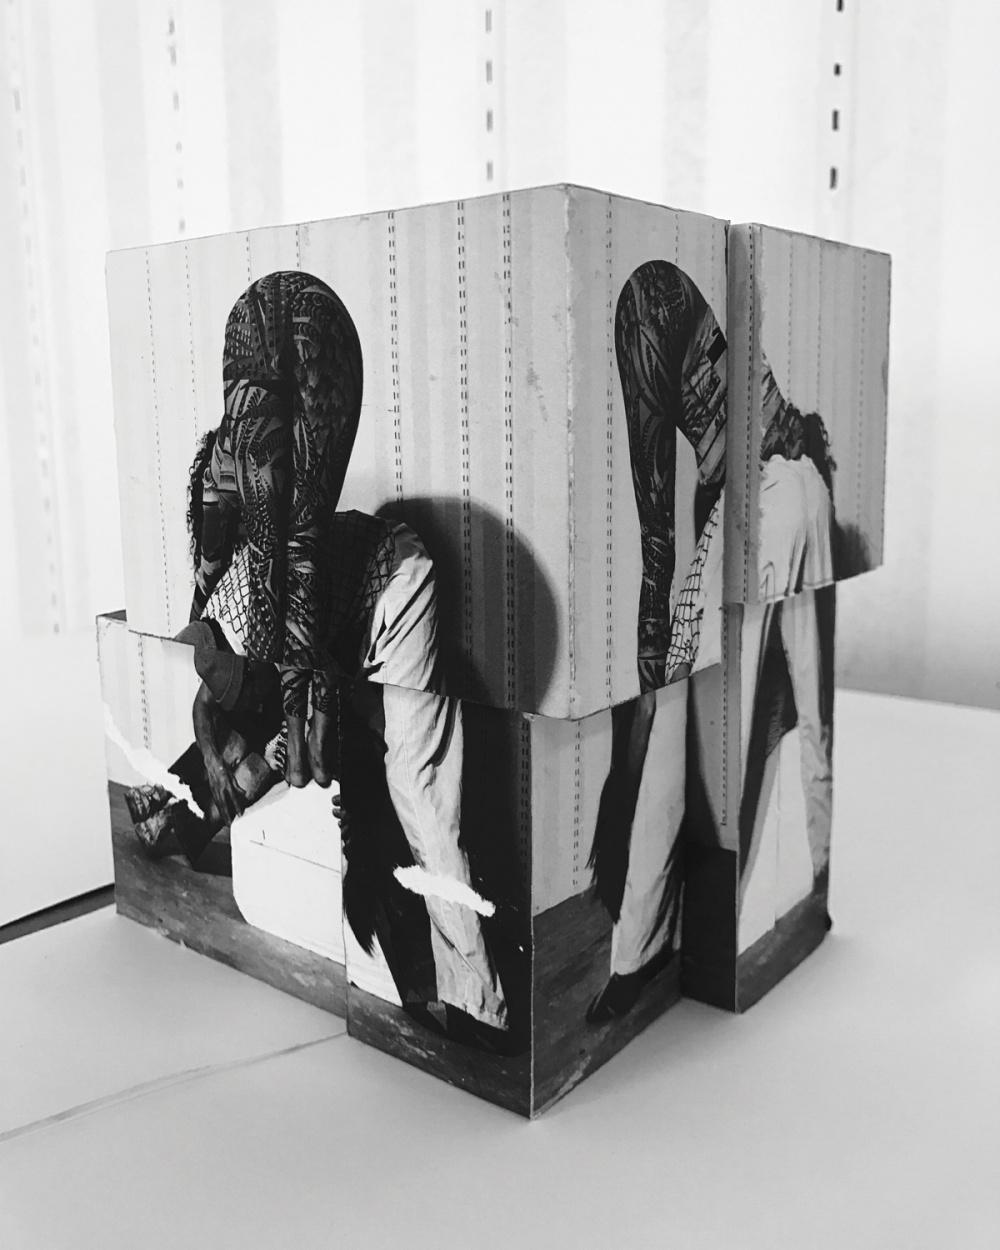 Valérie Blass, Étude Préliminaire, Maquette, Bleached Jeans, 2017. Courtesy of Catriona Jeffries Gallery, Vancouver.